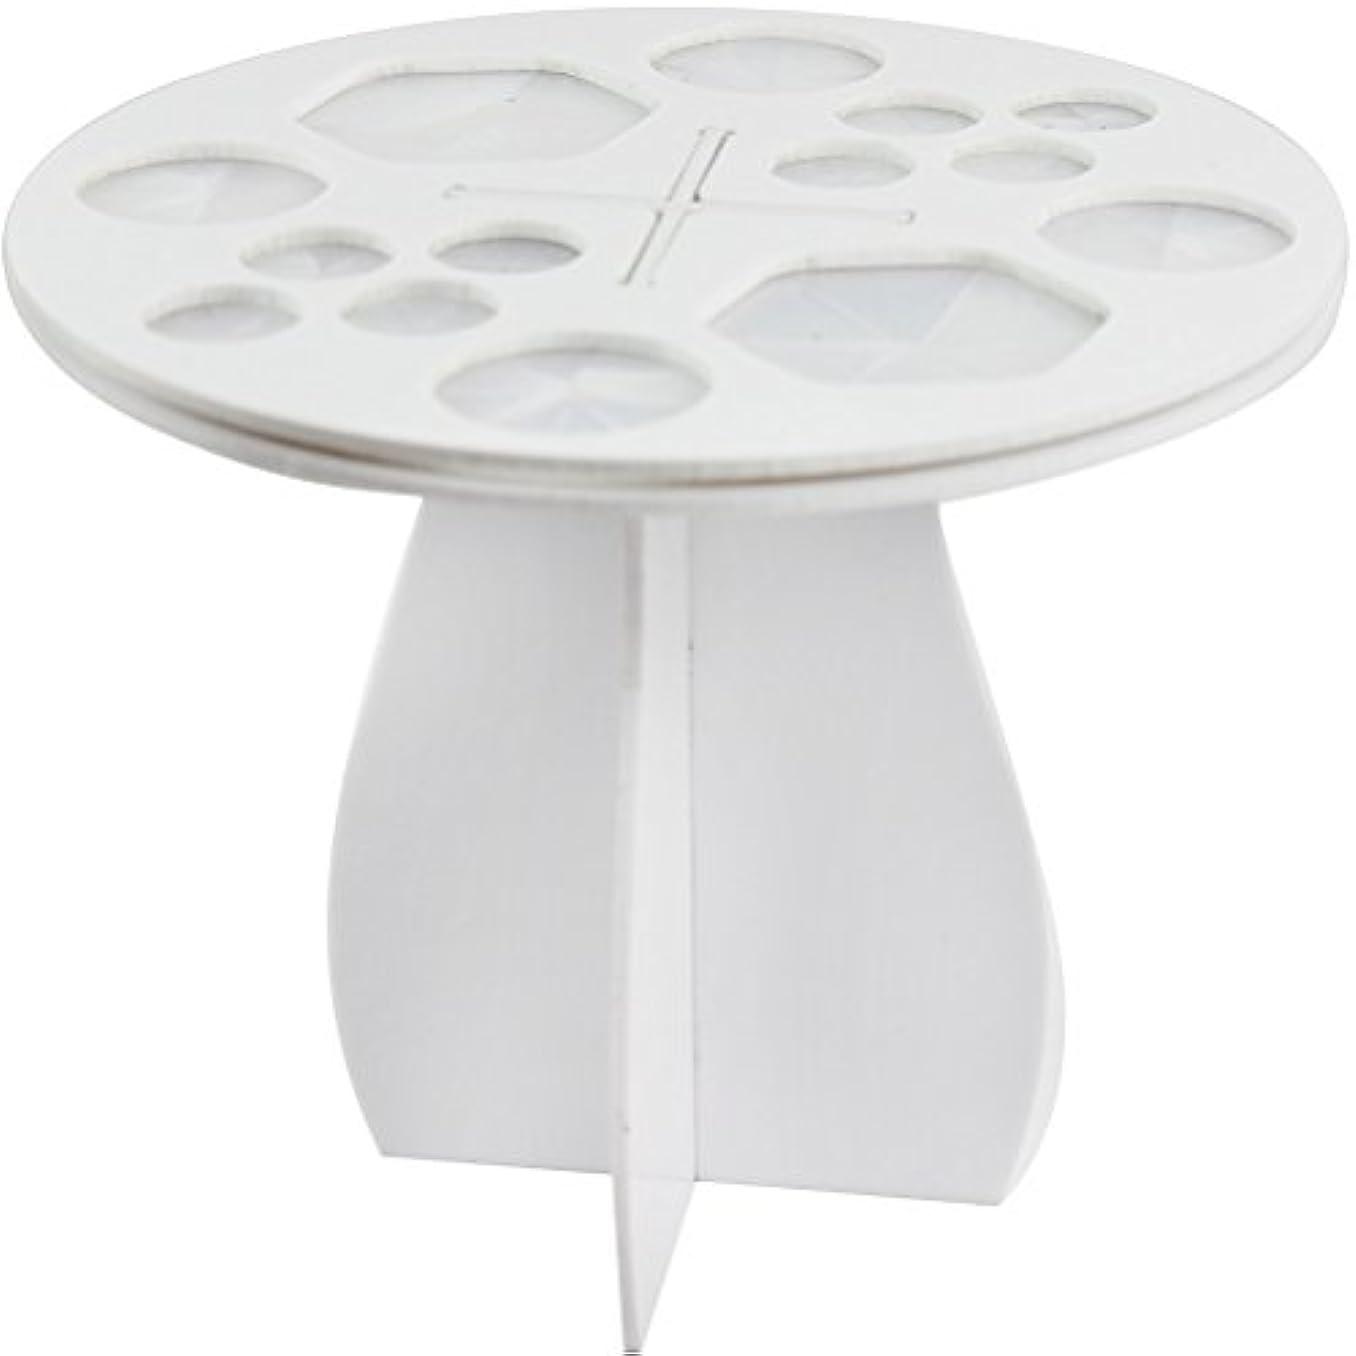 受信機奴隷パラシュート(メイクアップエーシーシー) MakeupAcc メイクブラシ干しラック メイクブラシ収納 アクリル乾かすブラシフレーム メイクアップブラシホルダー  ラウンド型 3色 (白い) [並行輸入品]